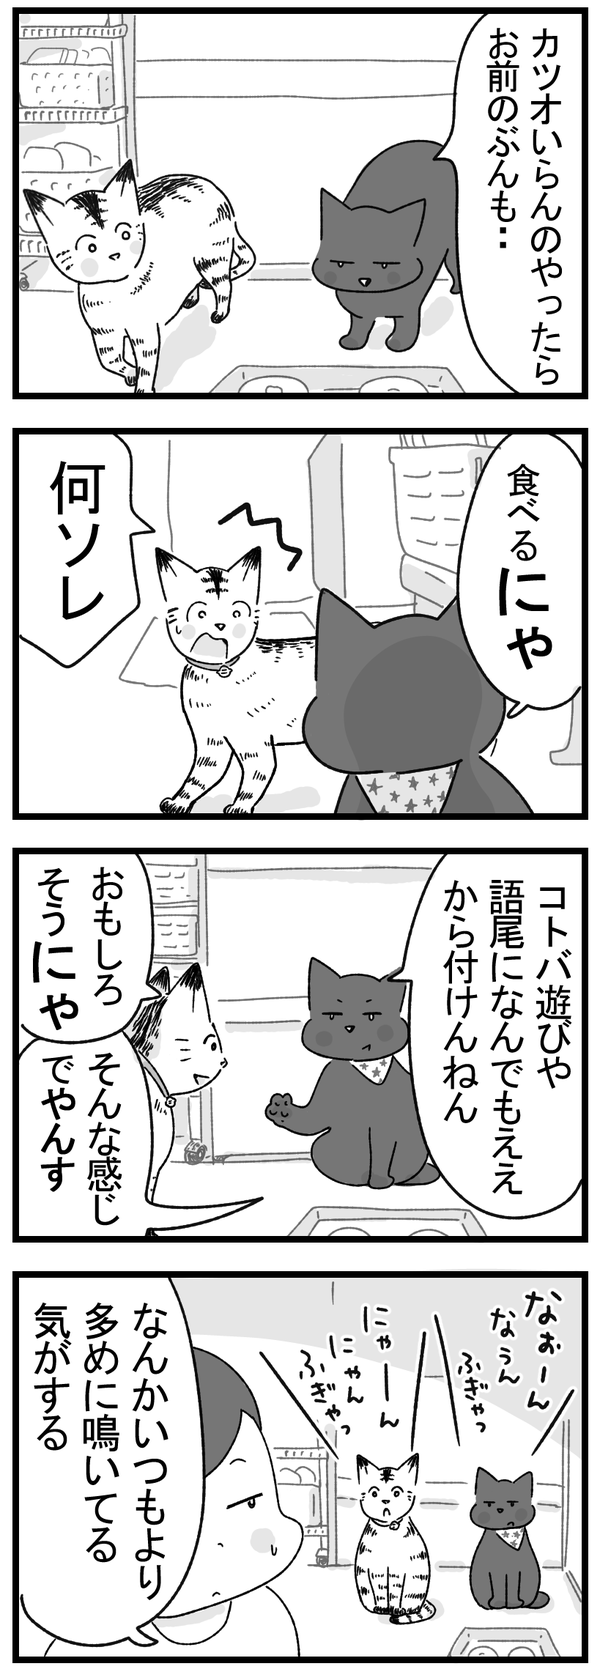 コトバ遊び